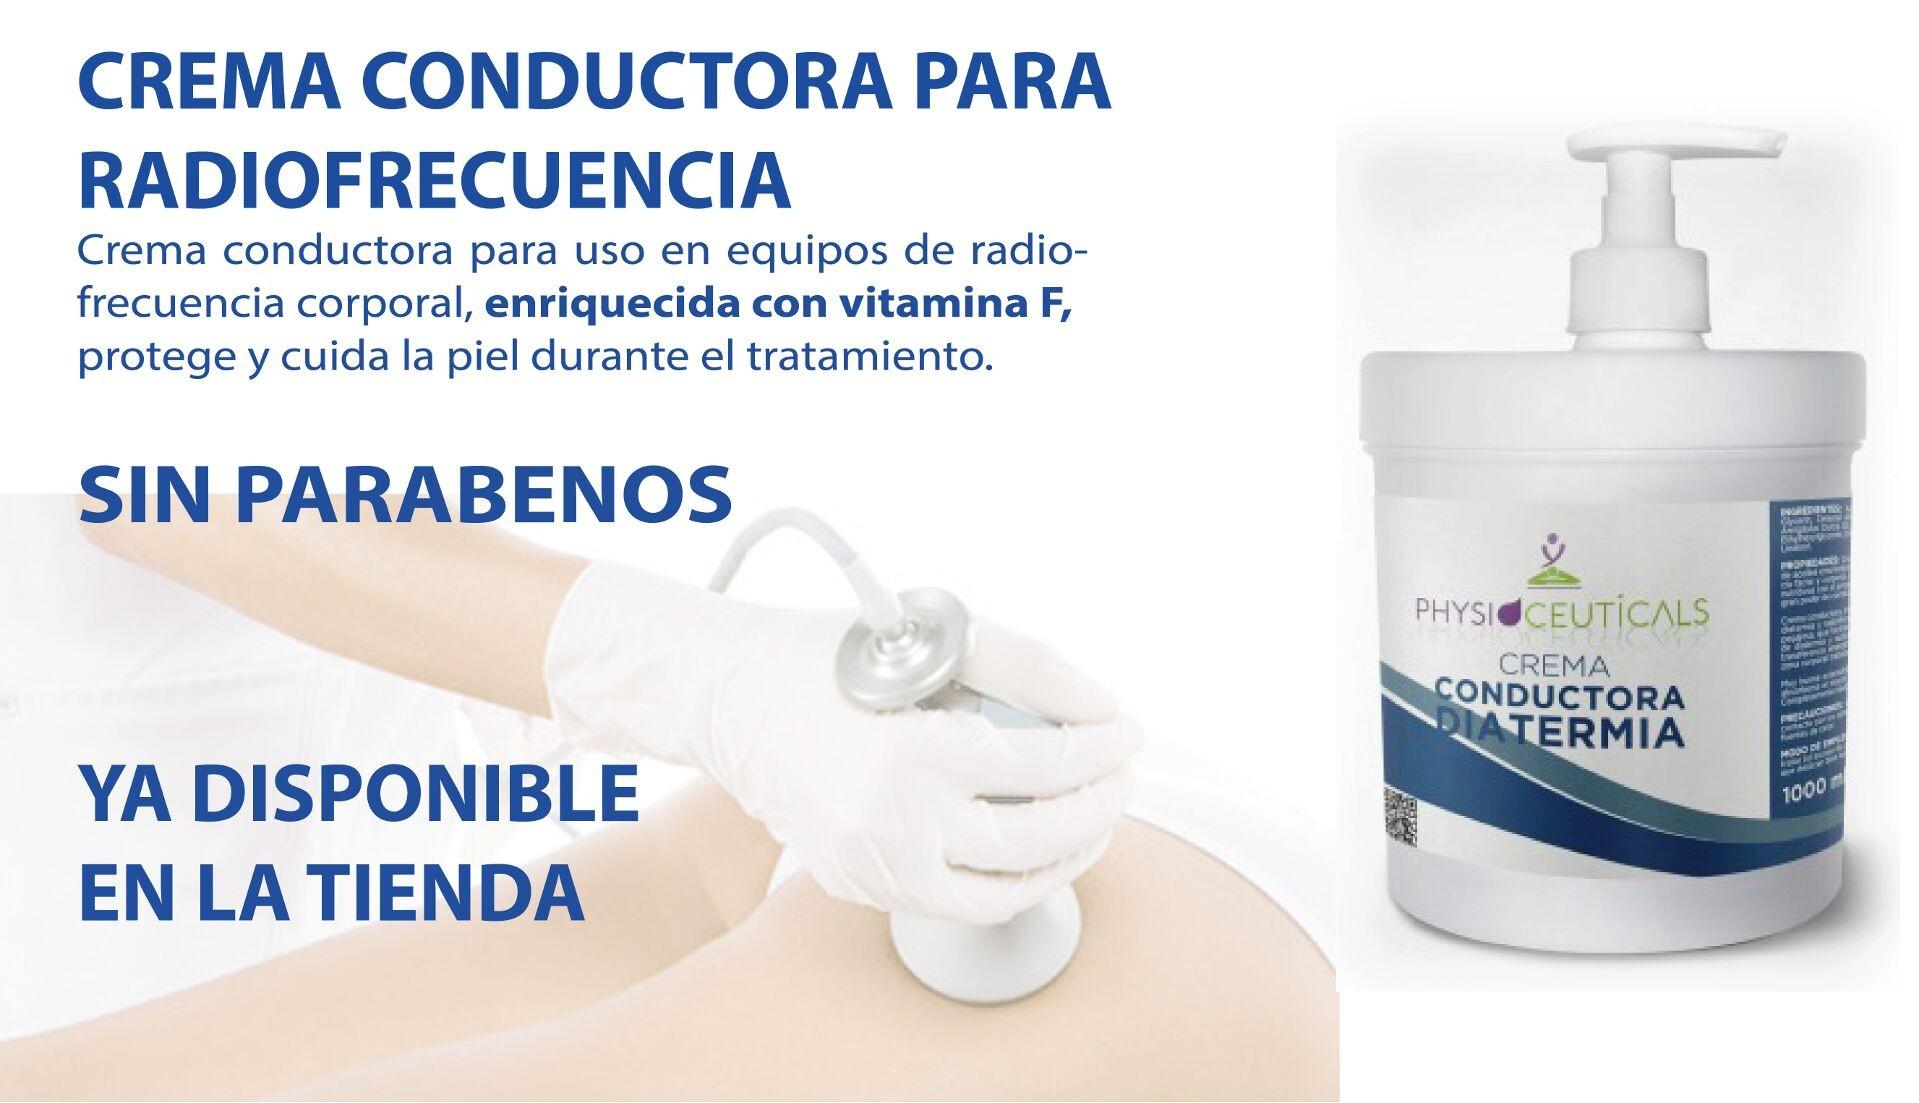 Crema conductora Diatermia